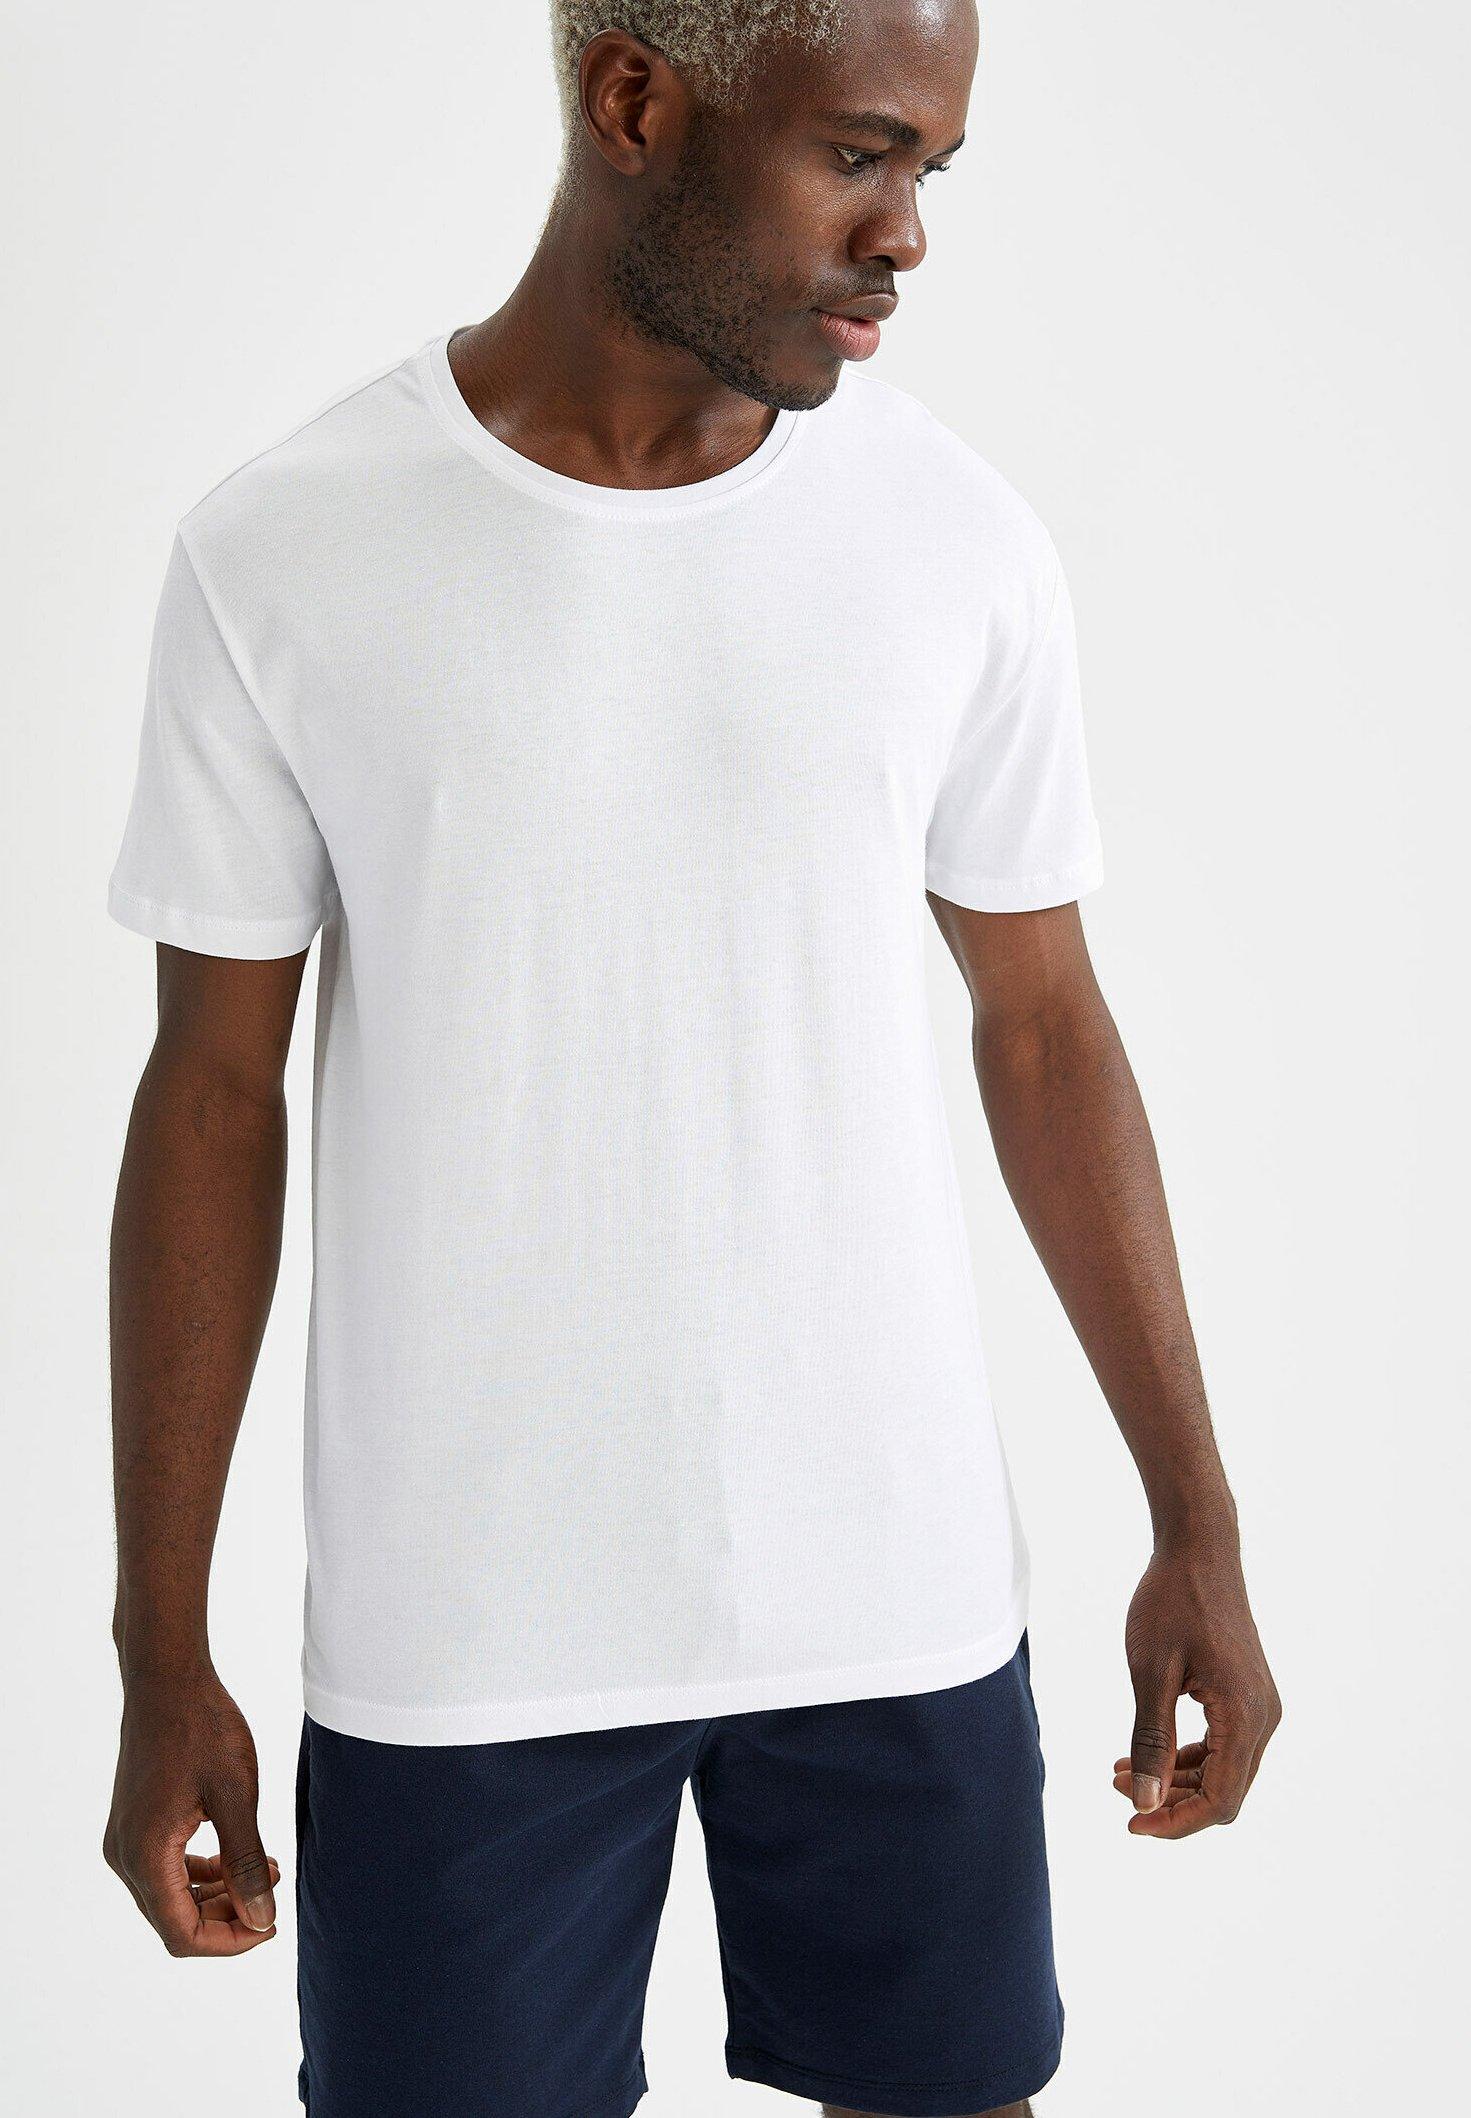 Homme REGULAR FIT  BASIC  - T-shirt basique